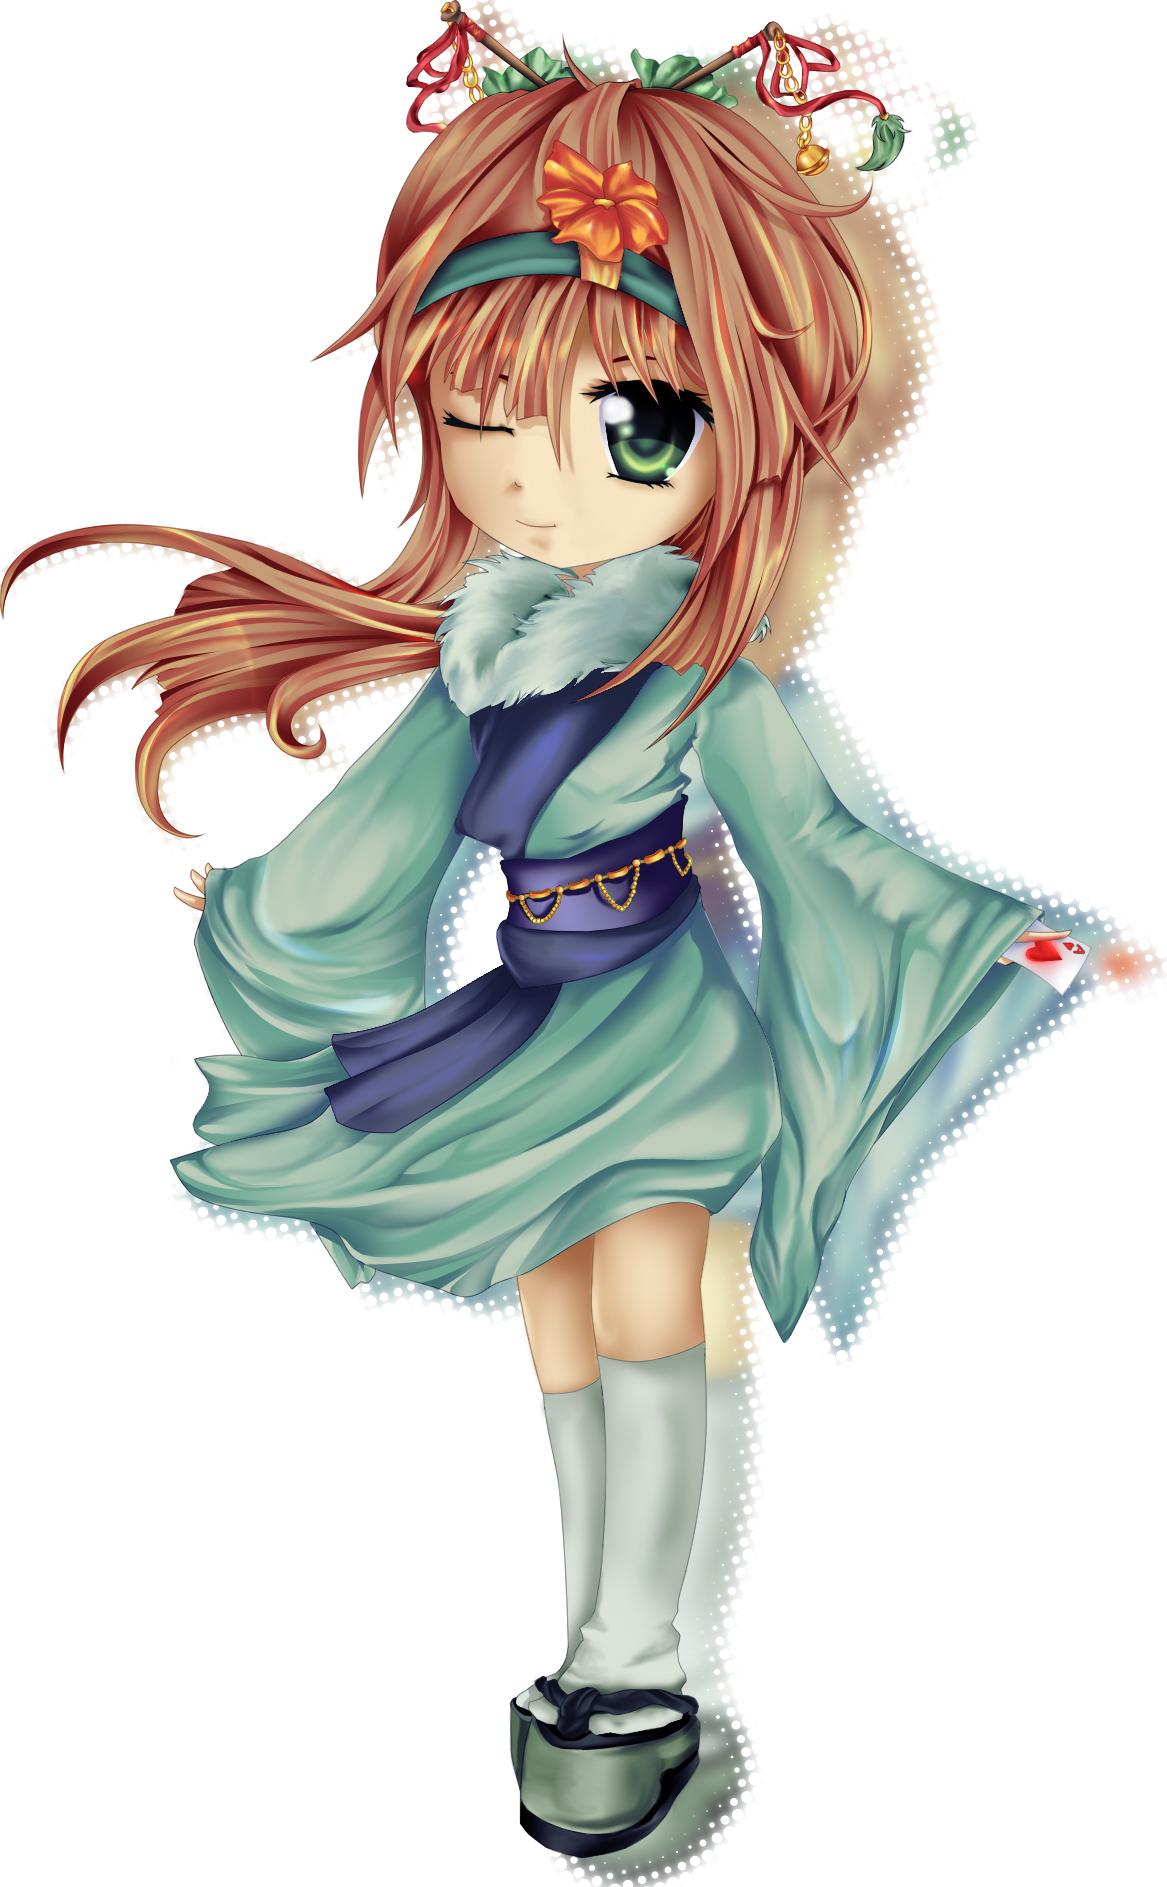 Kimono chibi